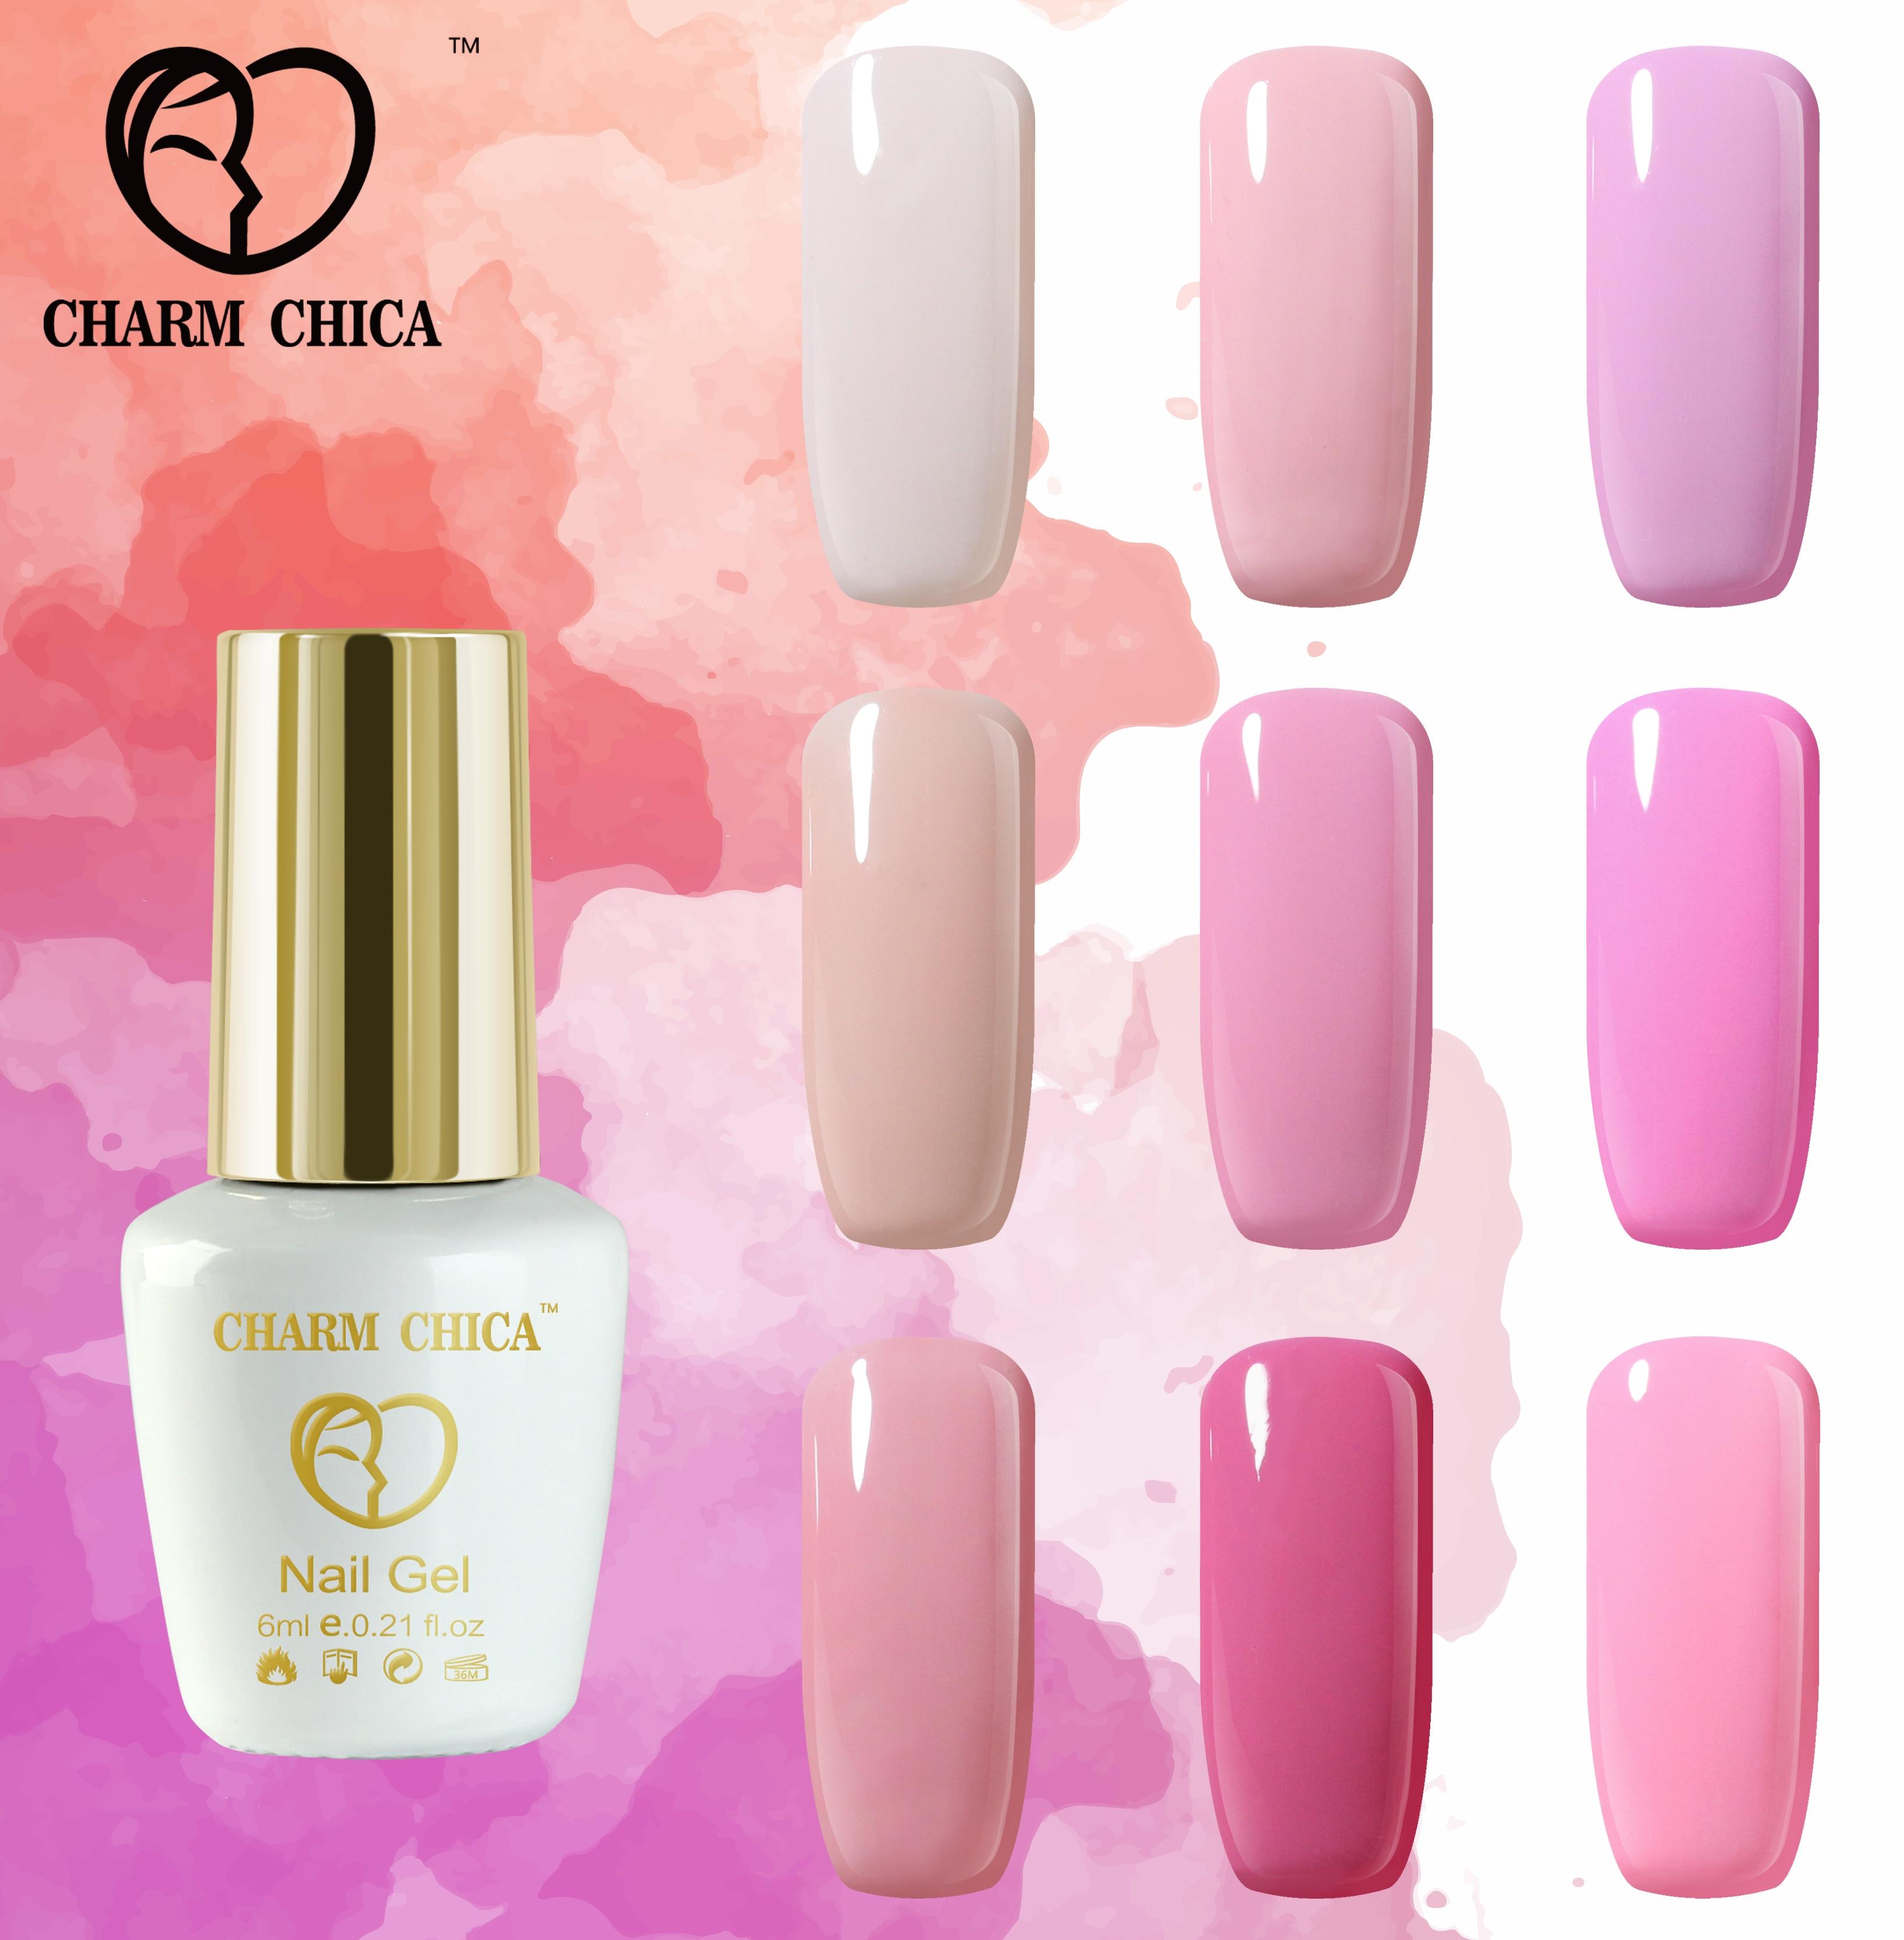 CHARM CHICA Baby Pink Gel Nail Polish Nails Art Store UV Gel Nail ...